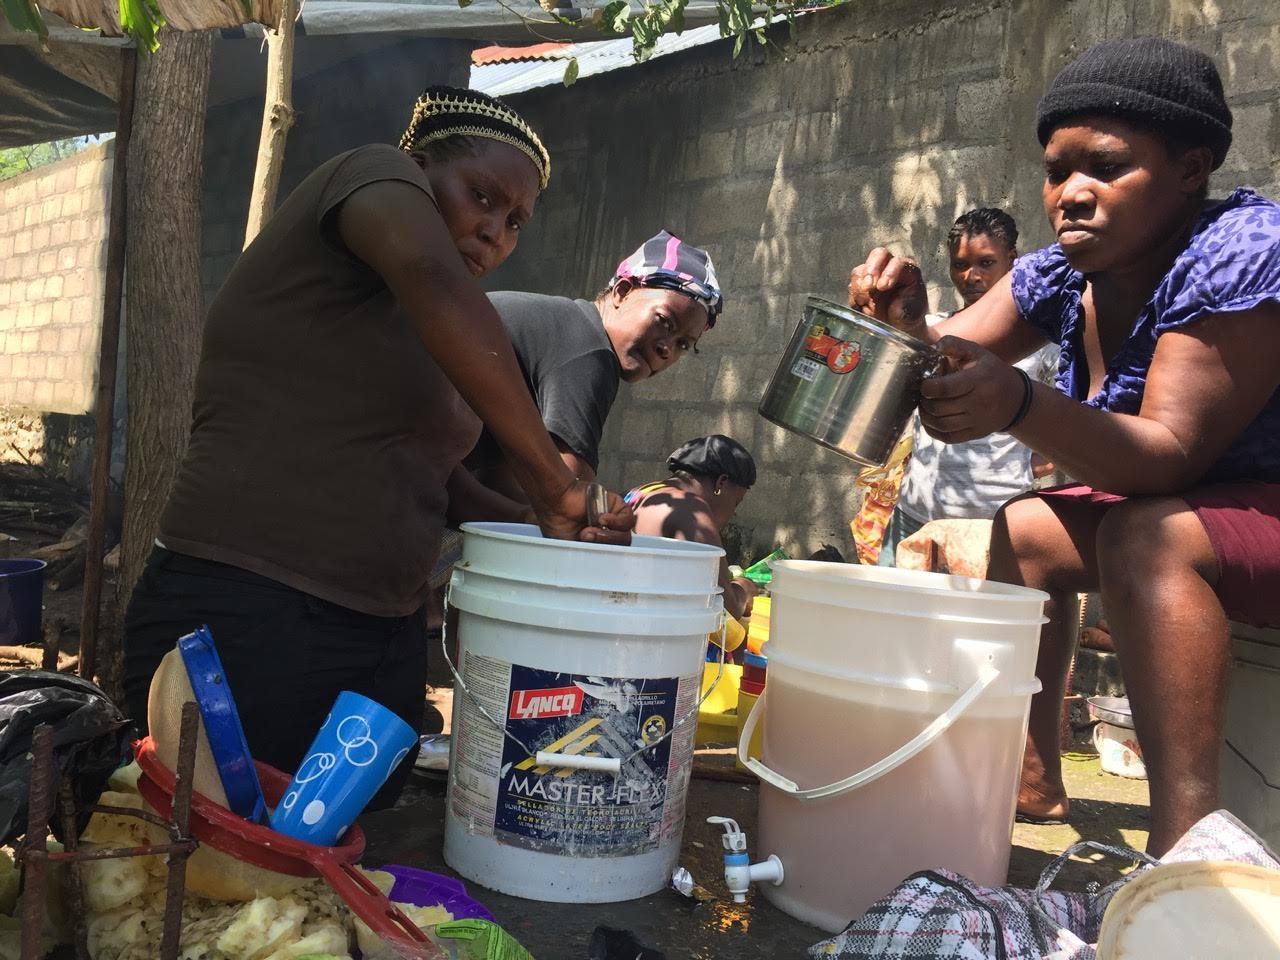 women-makinglunch-jolitrou.jpg